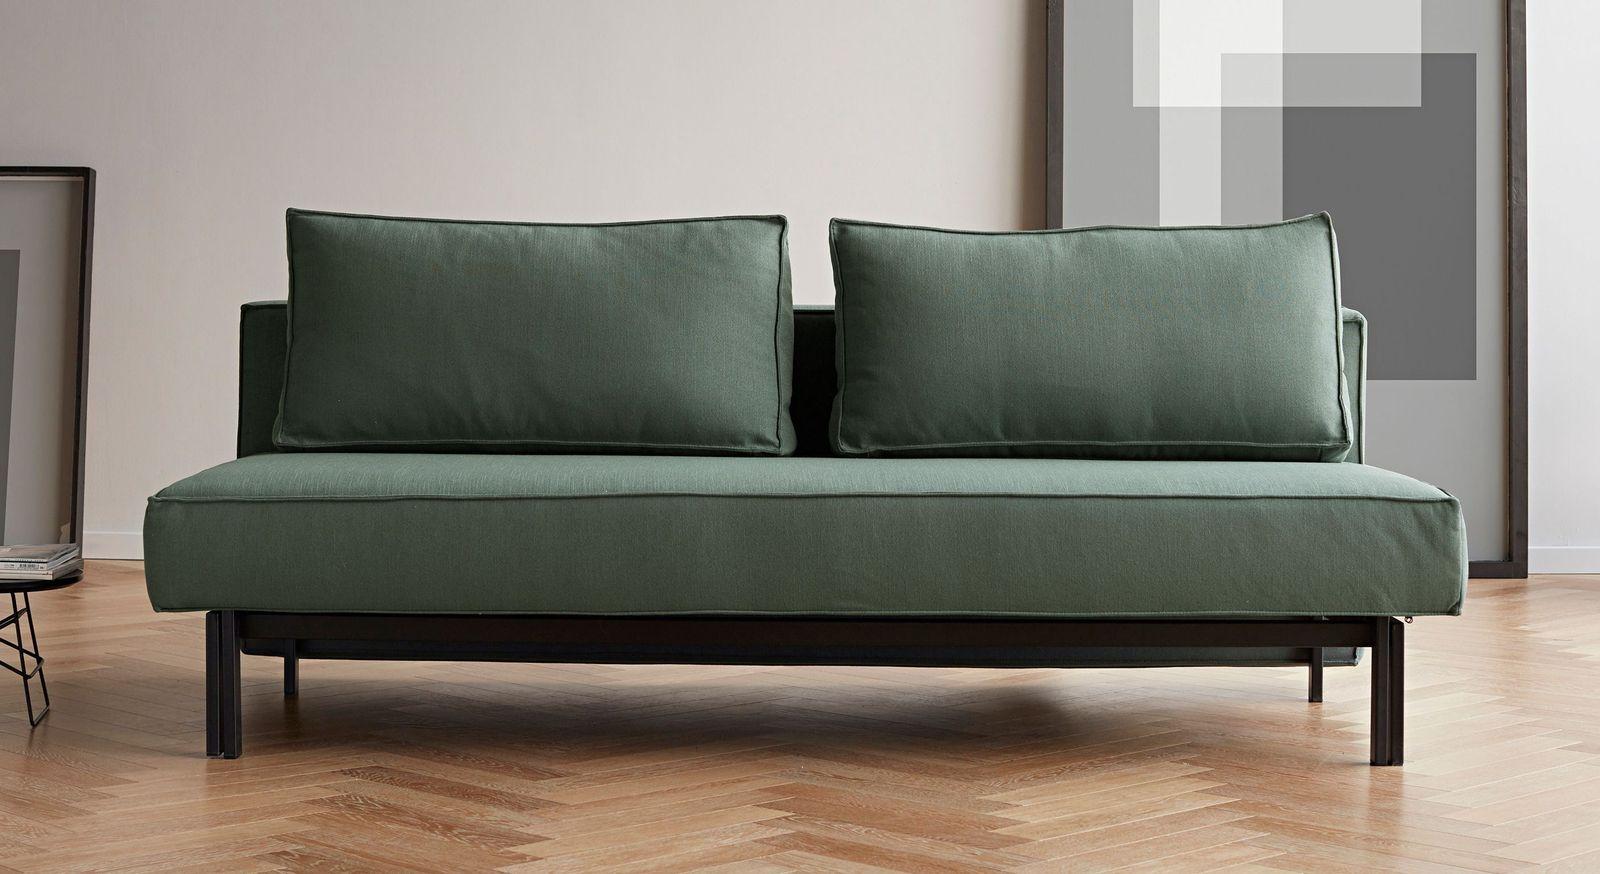 Schlafsofa Ellwood in grünem Elegance-Stoff